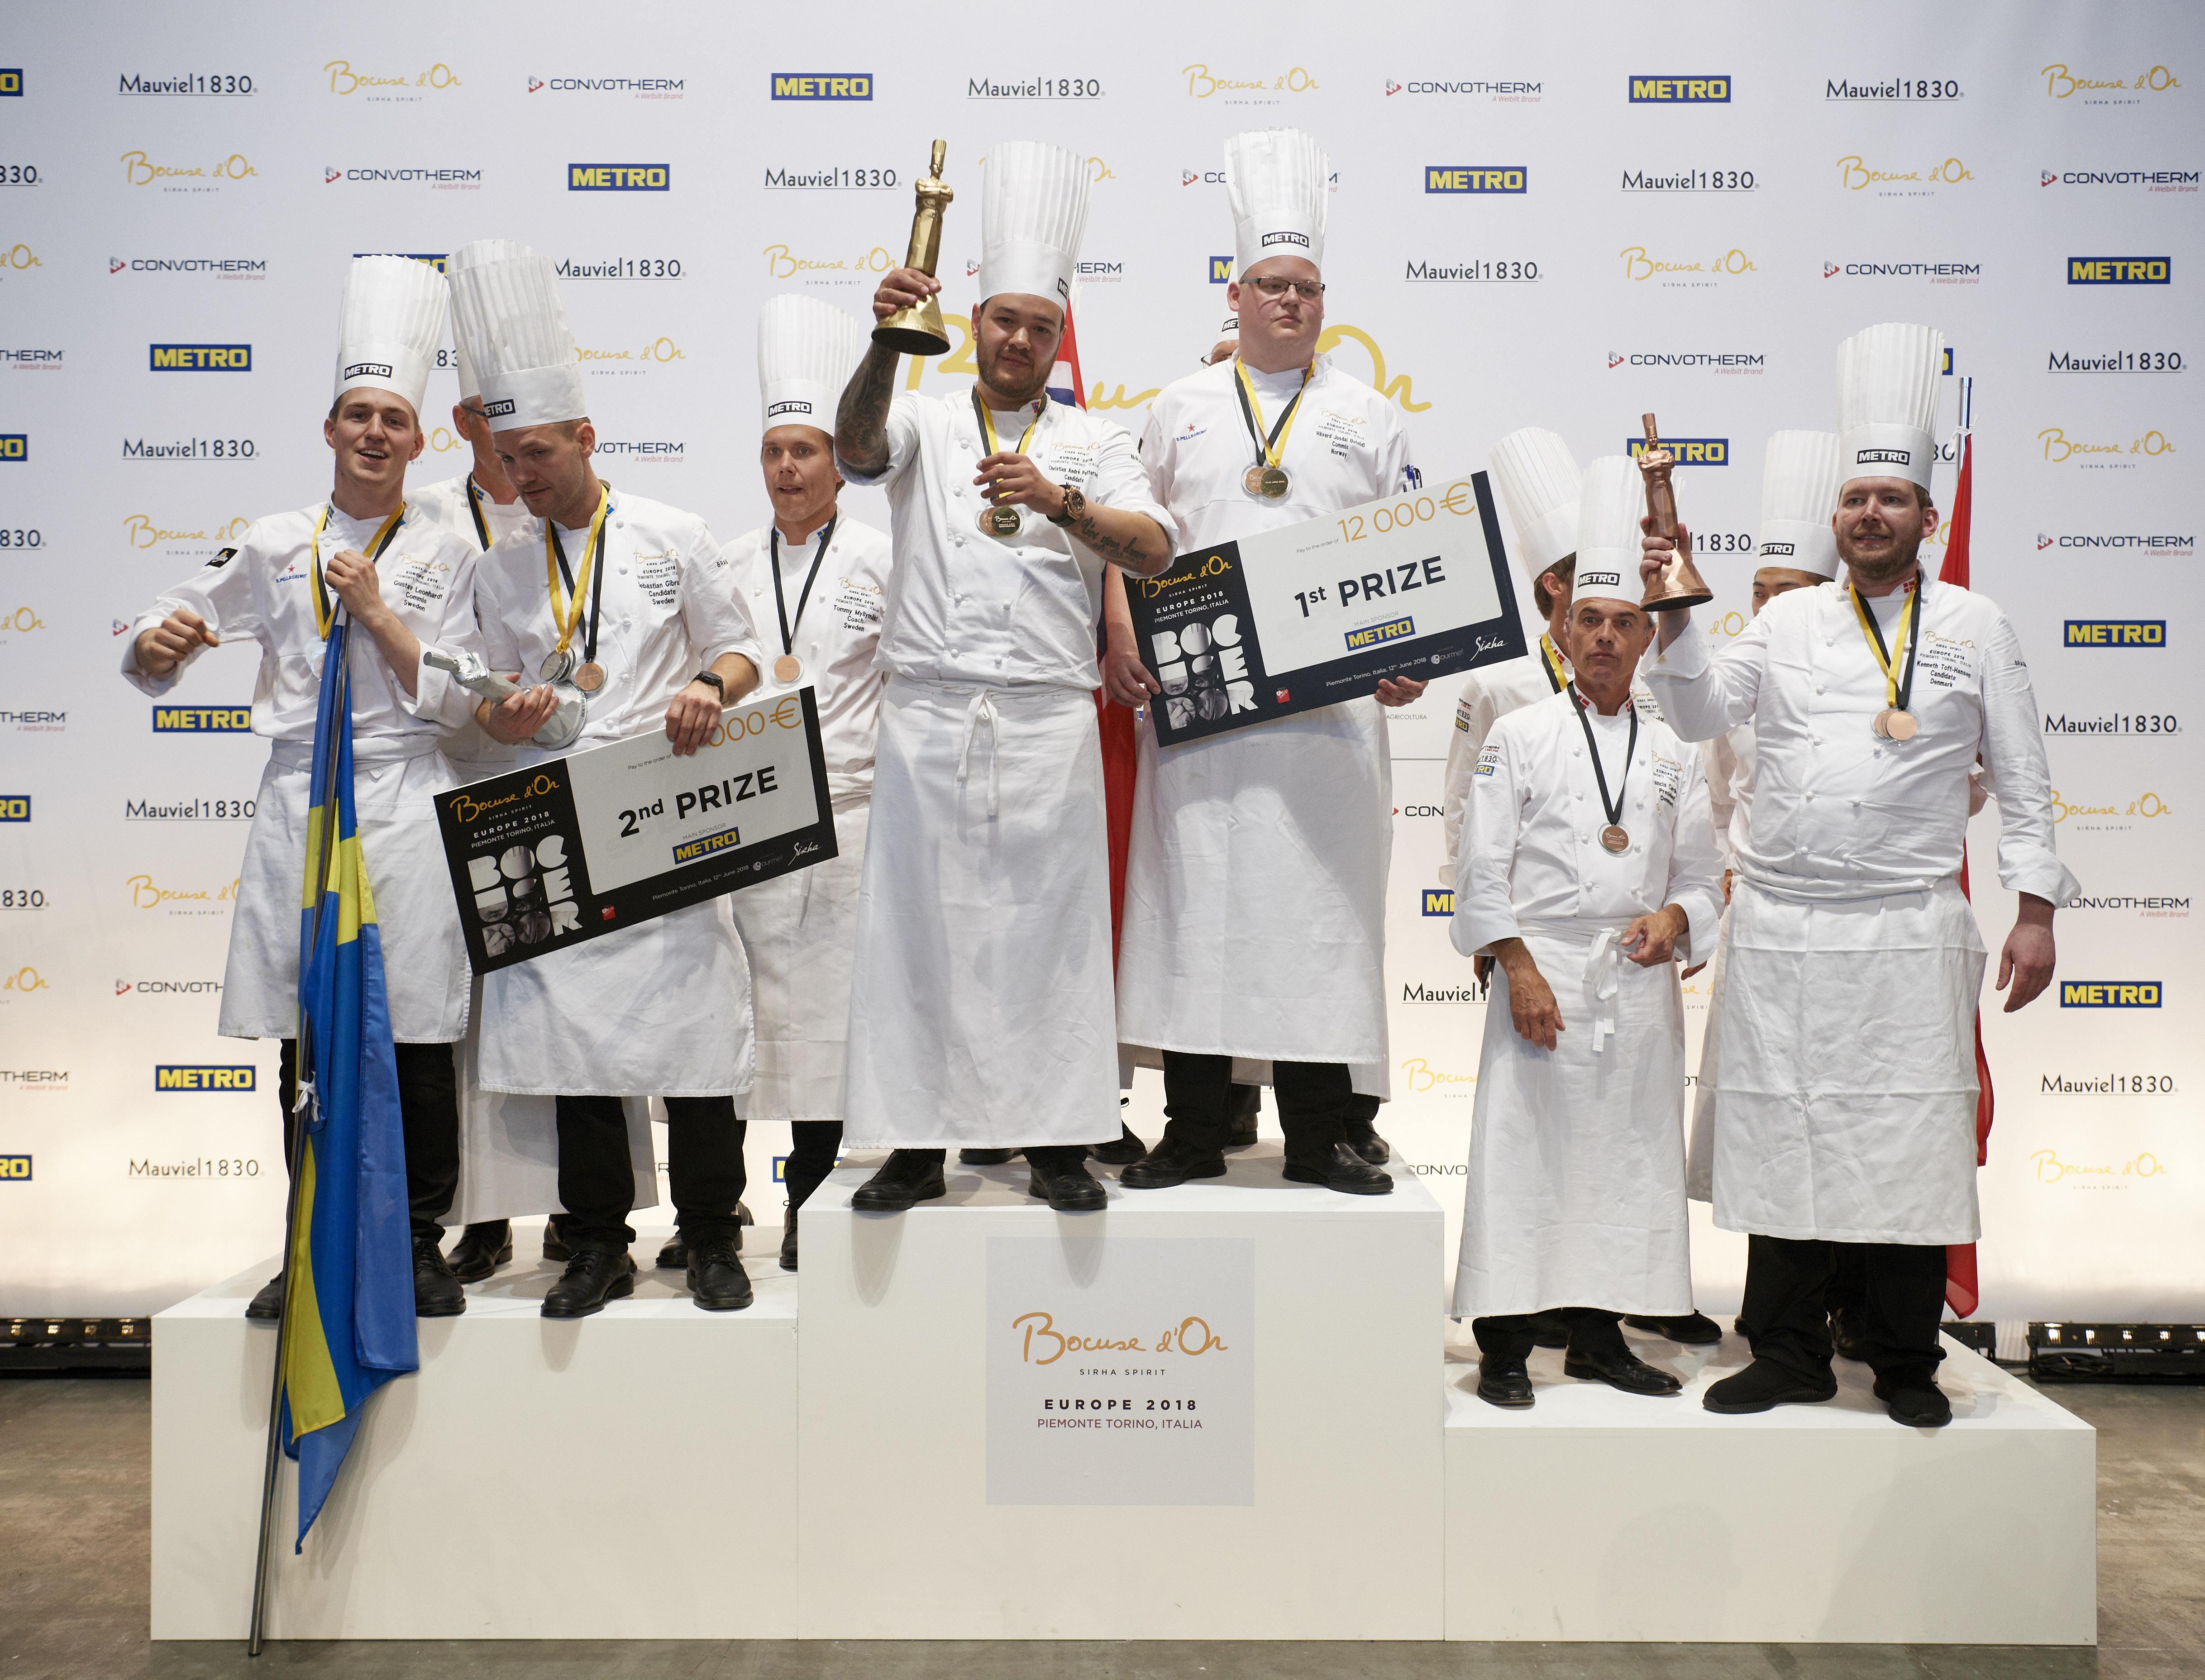 Norwegen stand zum wiederholten Mal ganz oben auf dem Siegerpodest des Kochwettbewerbes Bocuse d'O vor Schweden und Dänemark©Bocuse d'Or